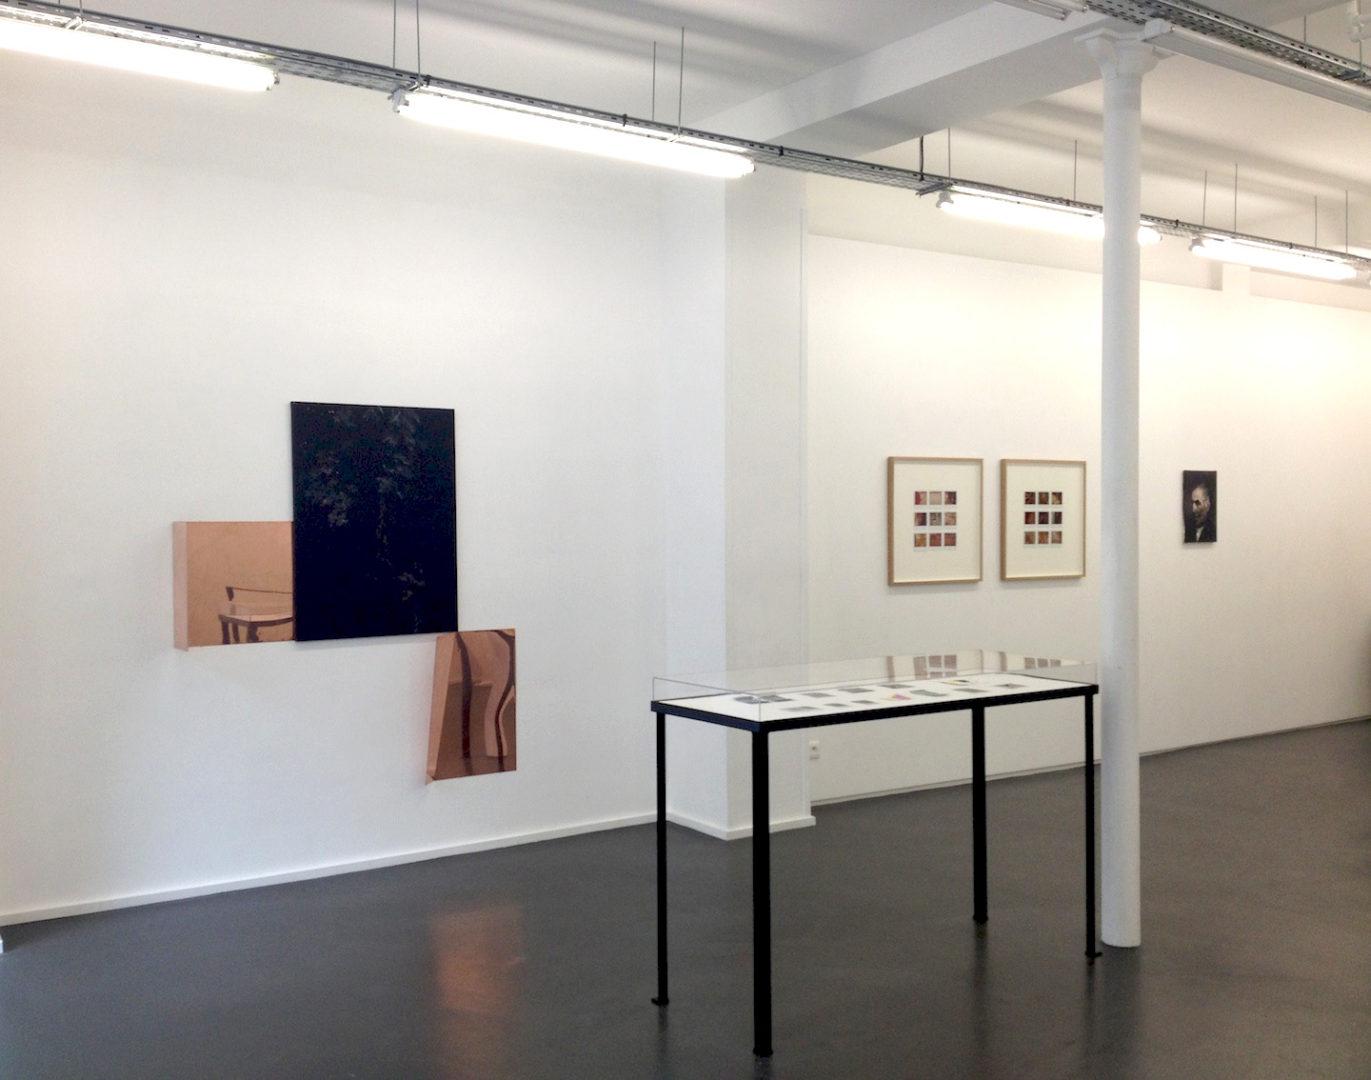 Vue d'exposition Les Lucioles - Carte blanche à Vincent Bizien, Galerie Maïa Muller 2015